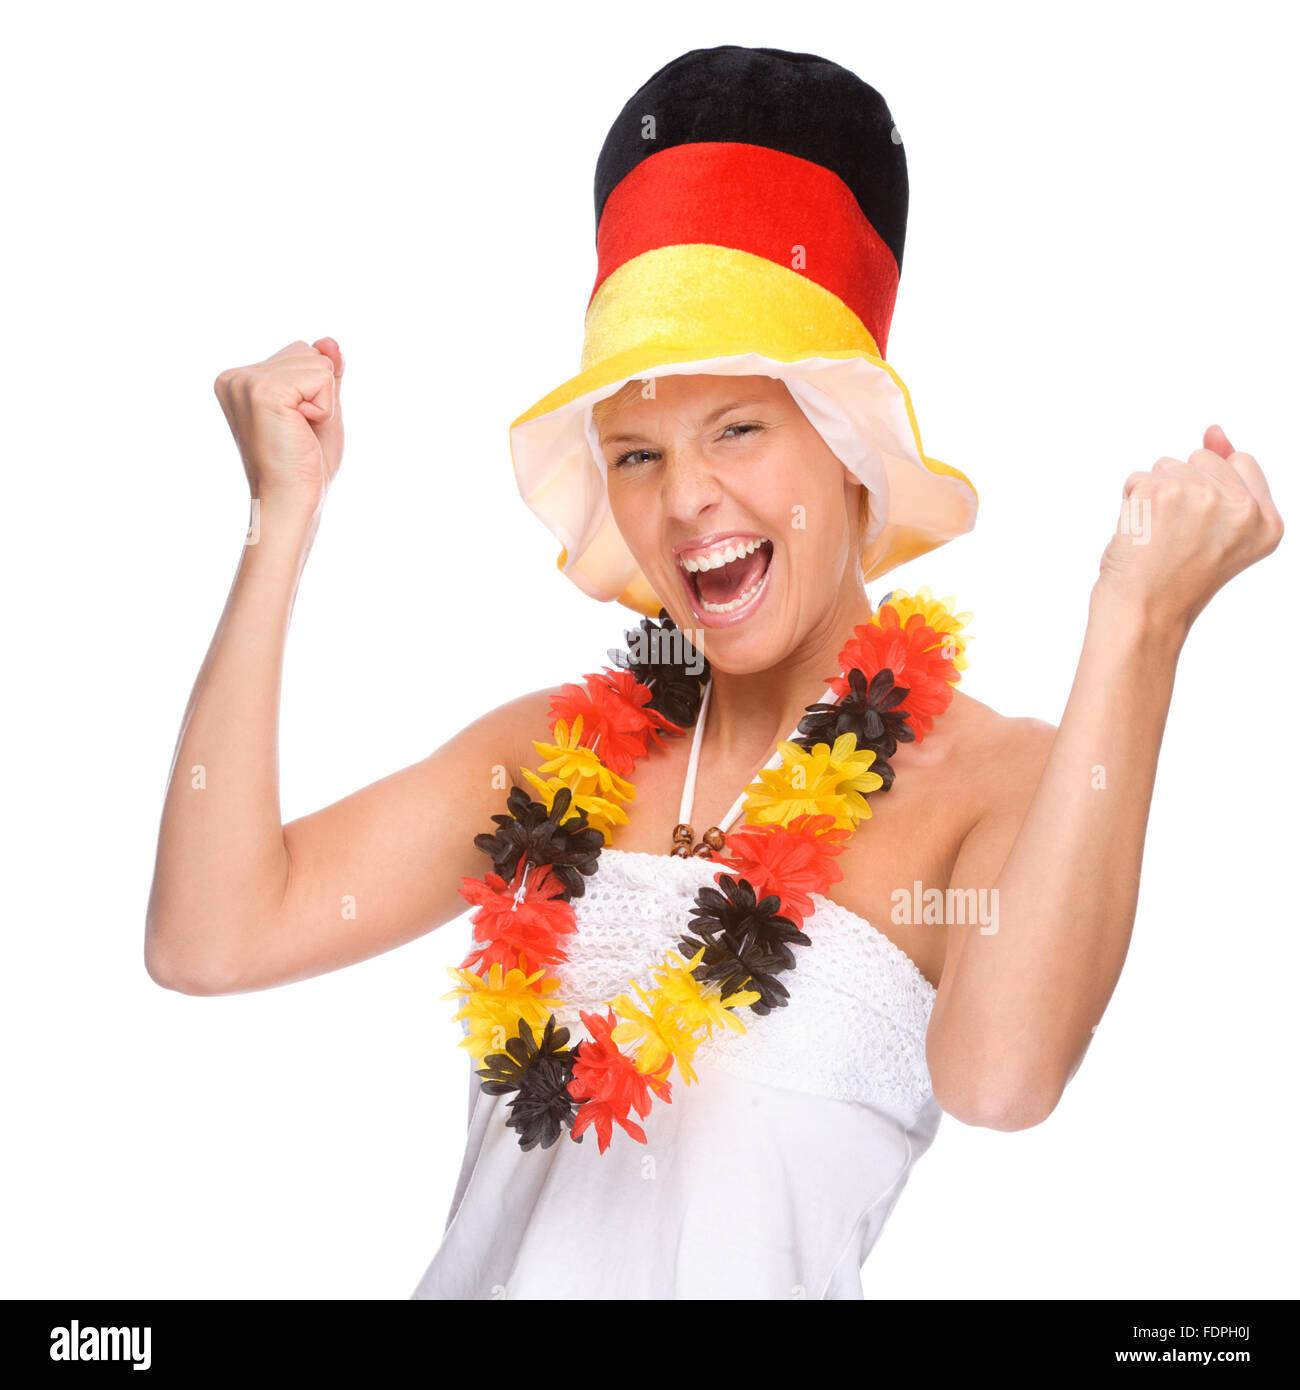 Deutschland, deutsche Kultur, Fußball-Fan, Ventilator, deutsche fans Stockbild